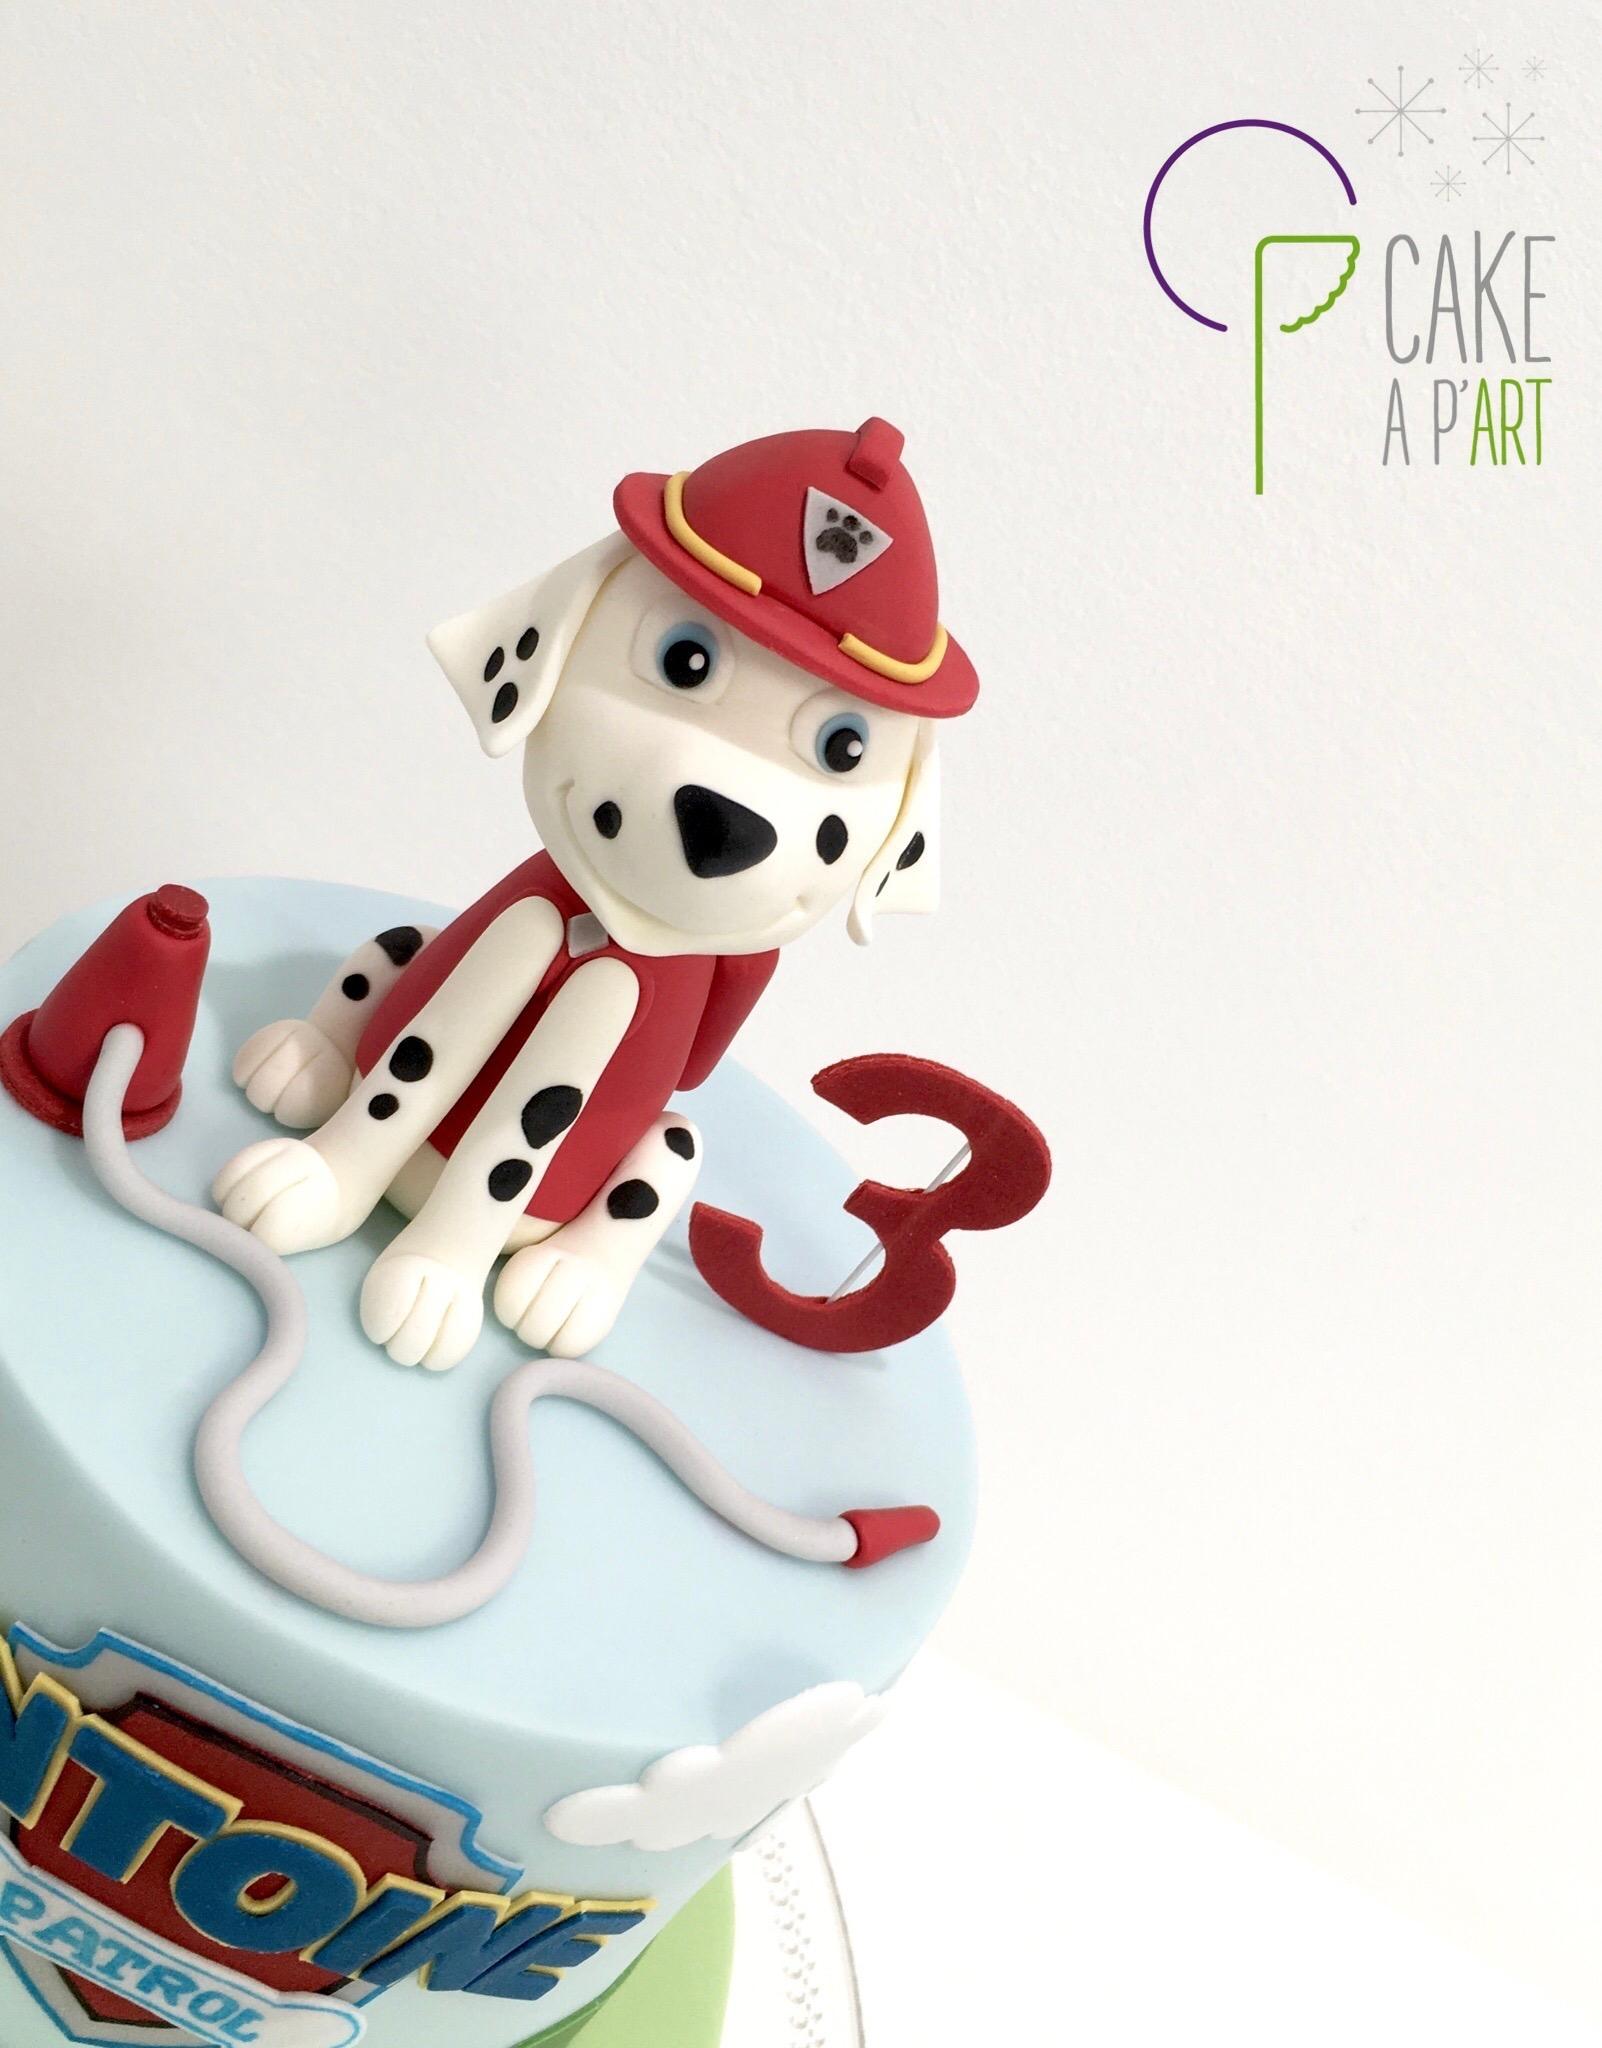 Décor modelage en sucre gâteaux personnalisés - Anniversaire Pat patrouille Modelage chien Marcus